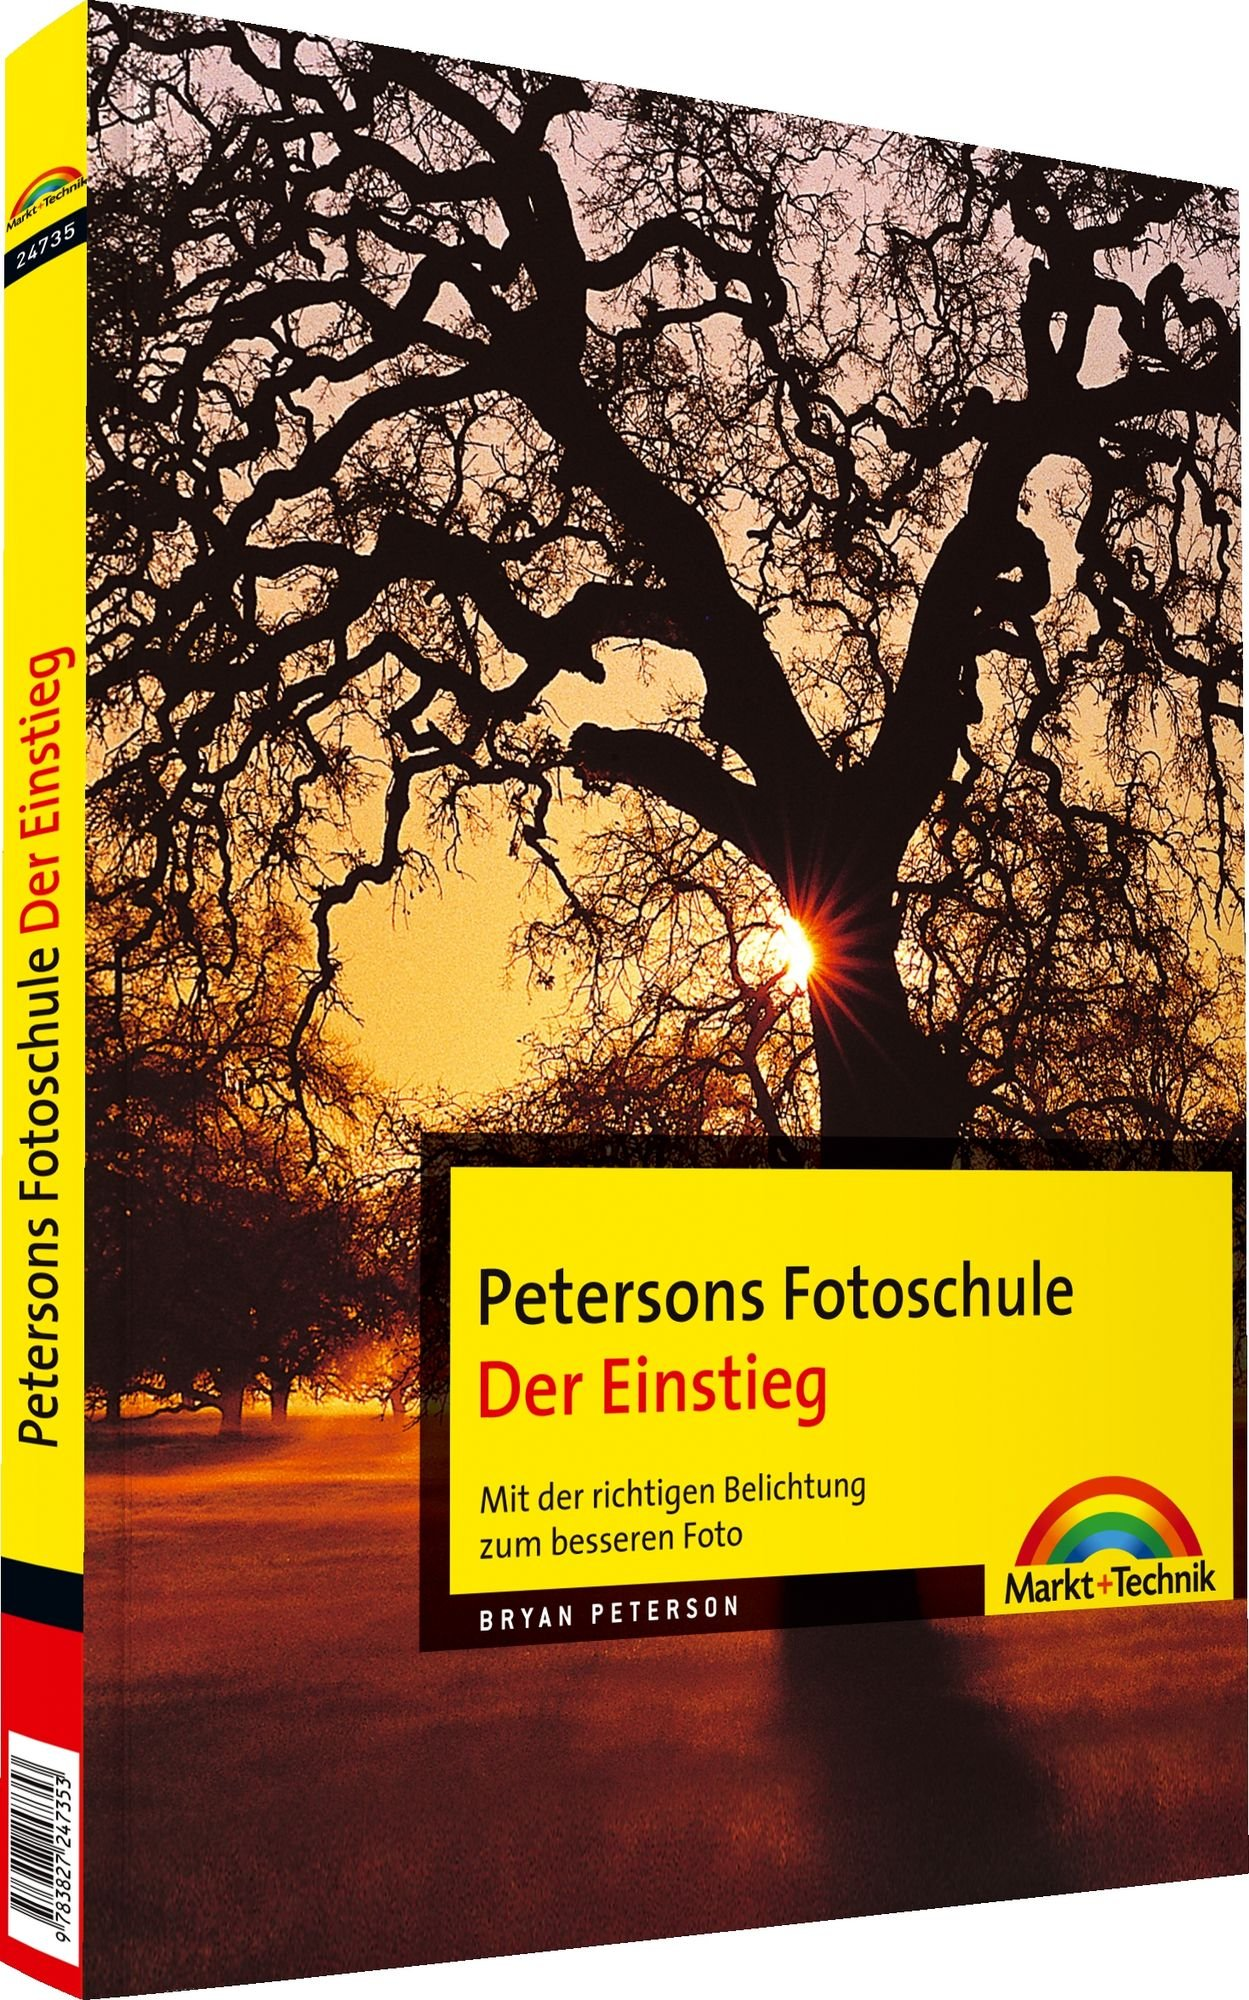 petersons-fotoschule-der-einstieg-petersons-fotoschule-der-einstieg-mit-der-richtigen-belichtung-zum-besseren-foto-digital-fotografieren